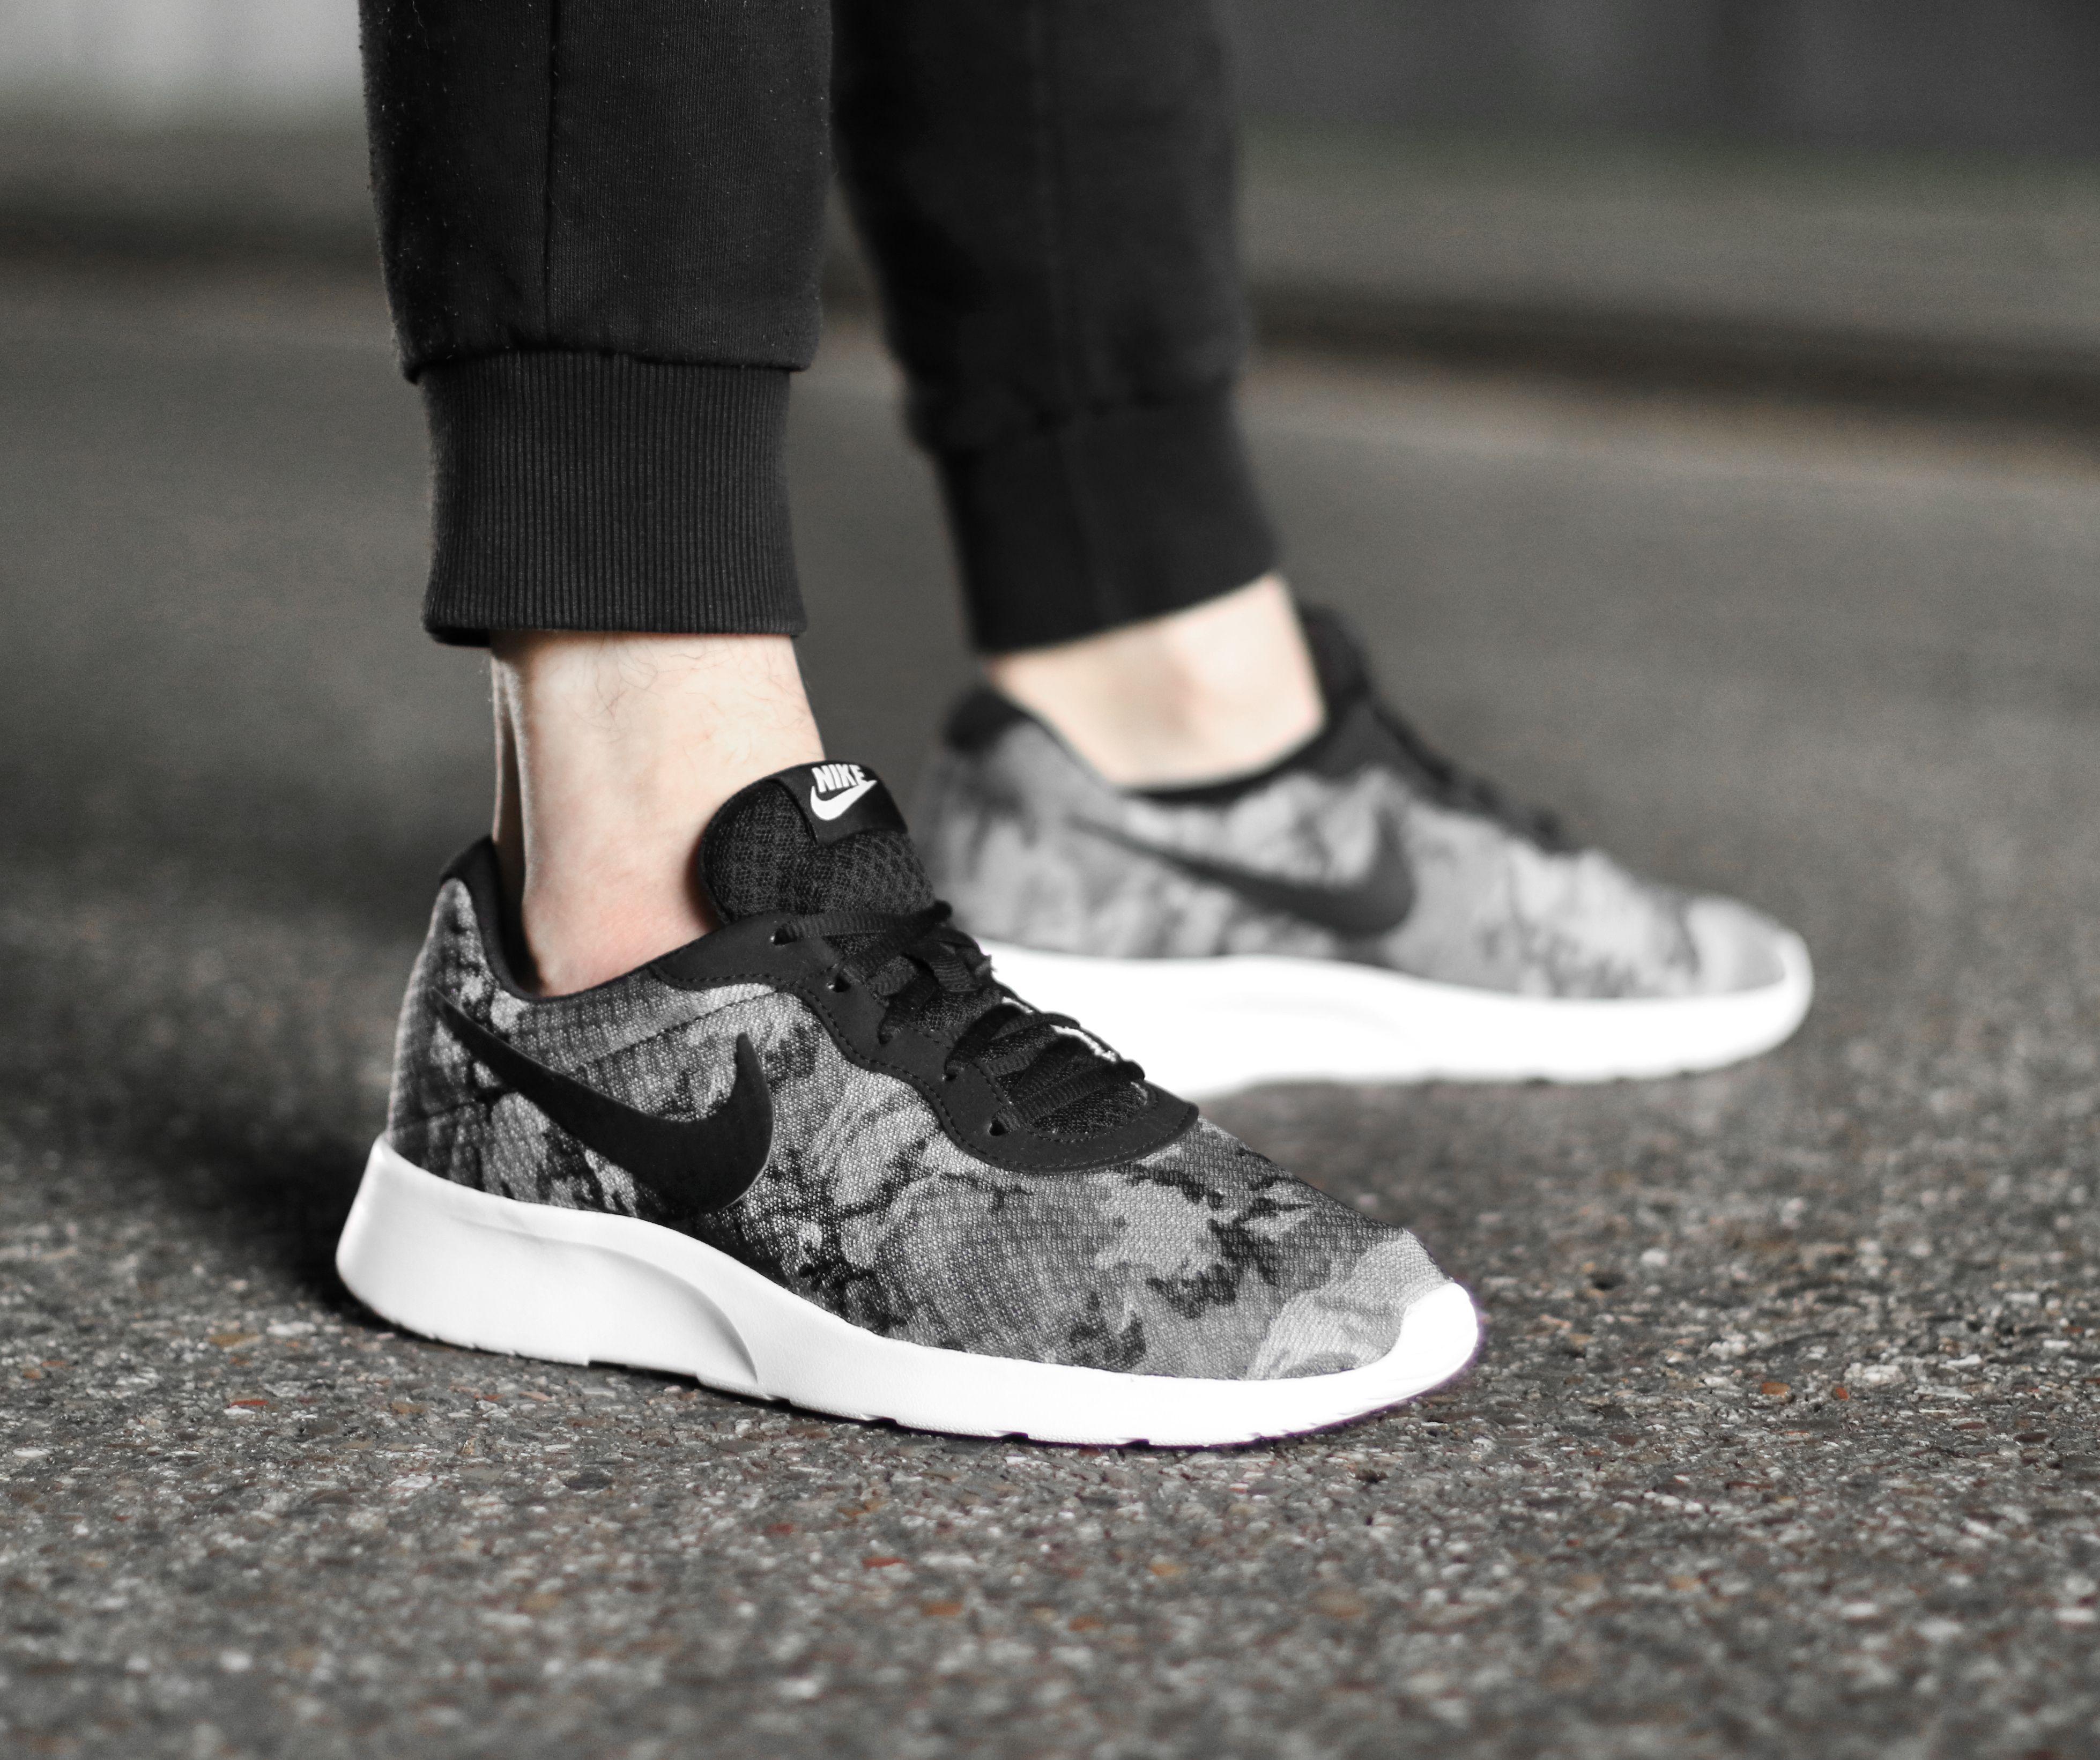 Deze Nike Tanjun voor heren geeft jouw outfit een stoere look! https://www.sooco.nl/nike-tanjun-print-grijze-lage-sneakers-25002.html